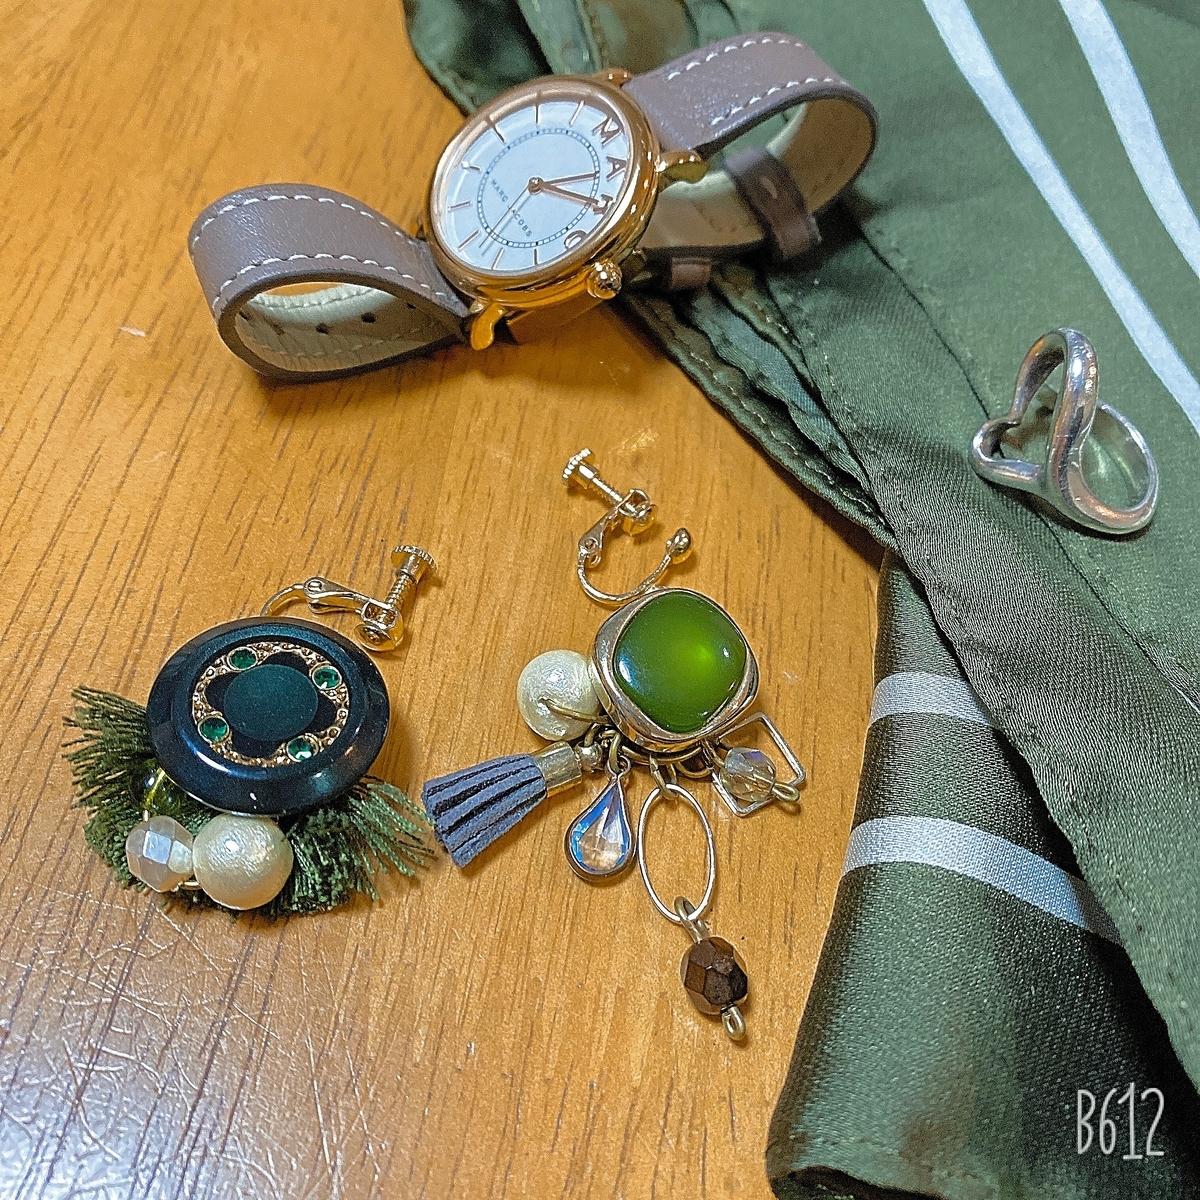 腕時計・緑のスカーフ・緑のイヤリング・シルバーのリングの写真